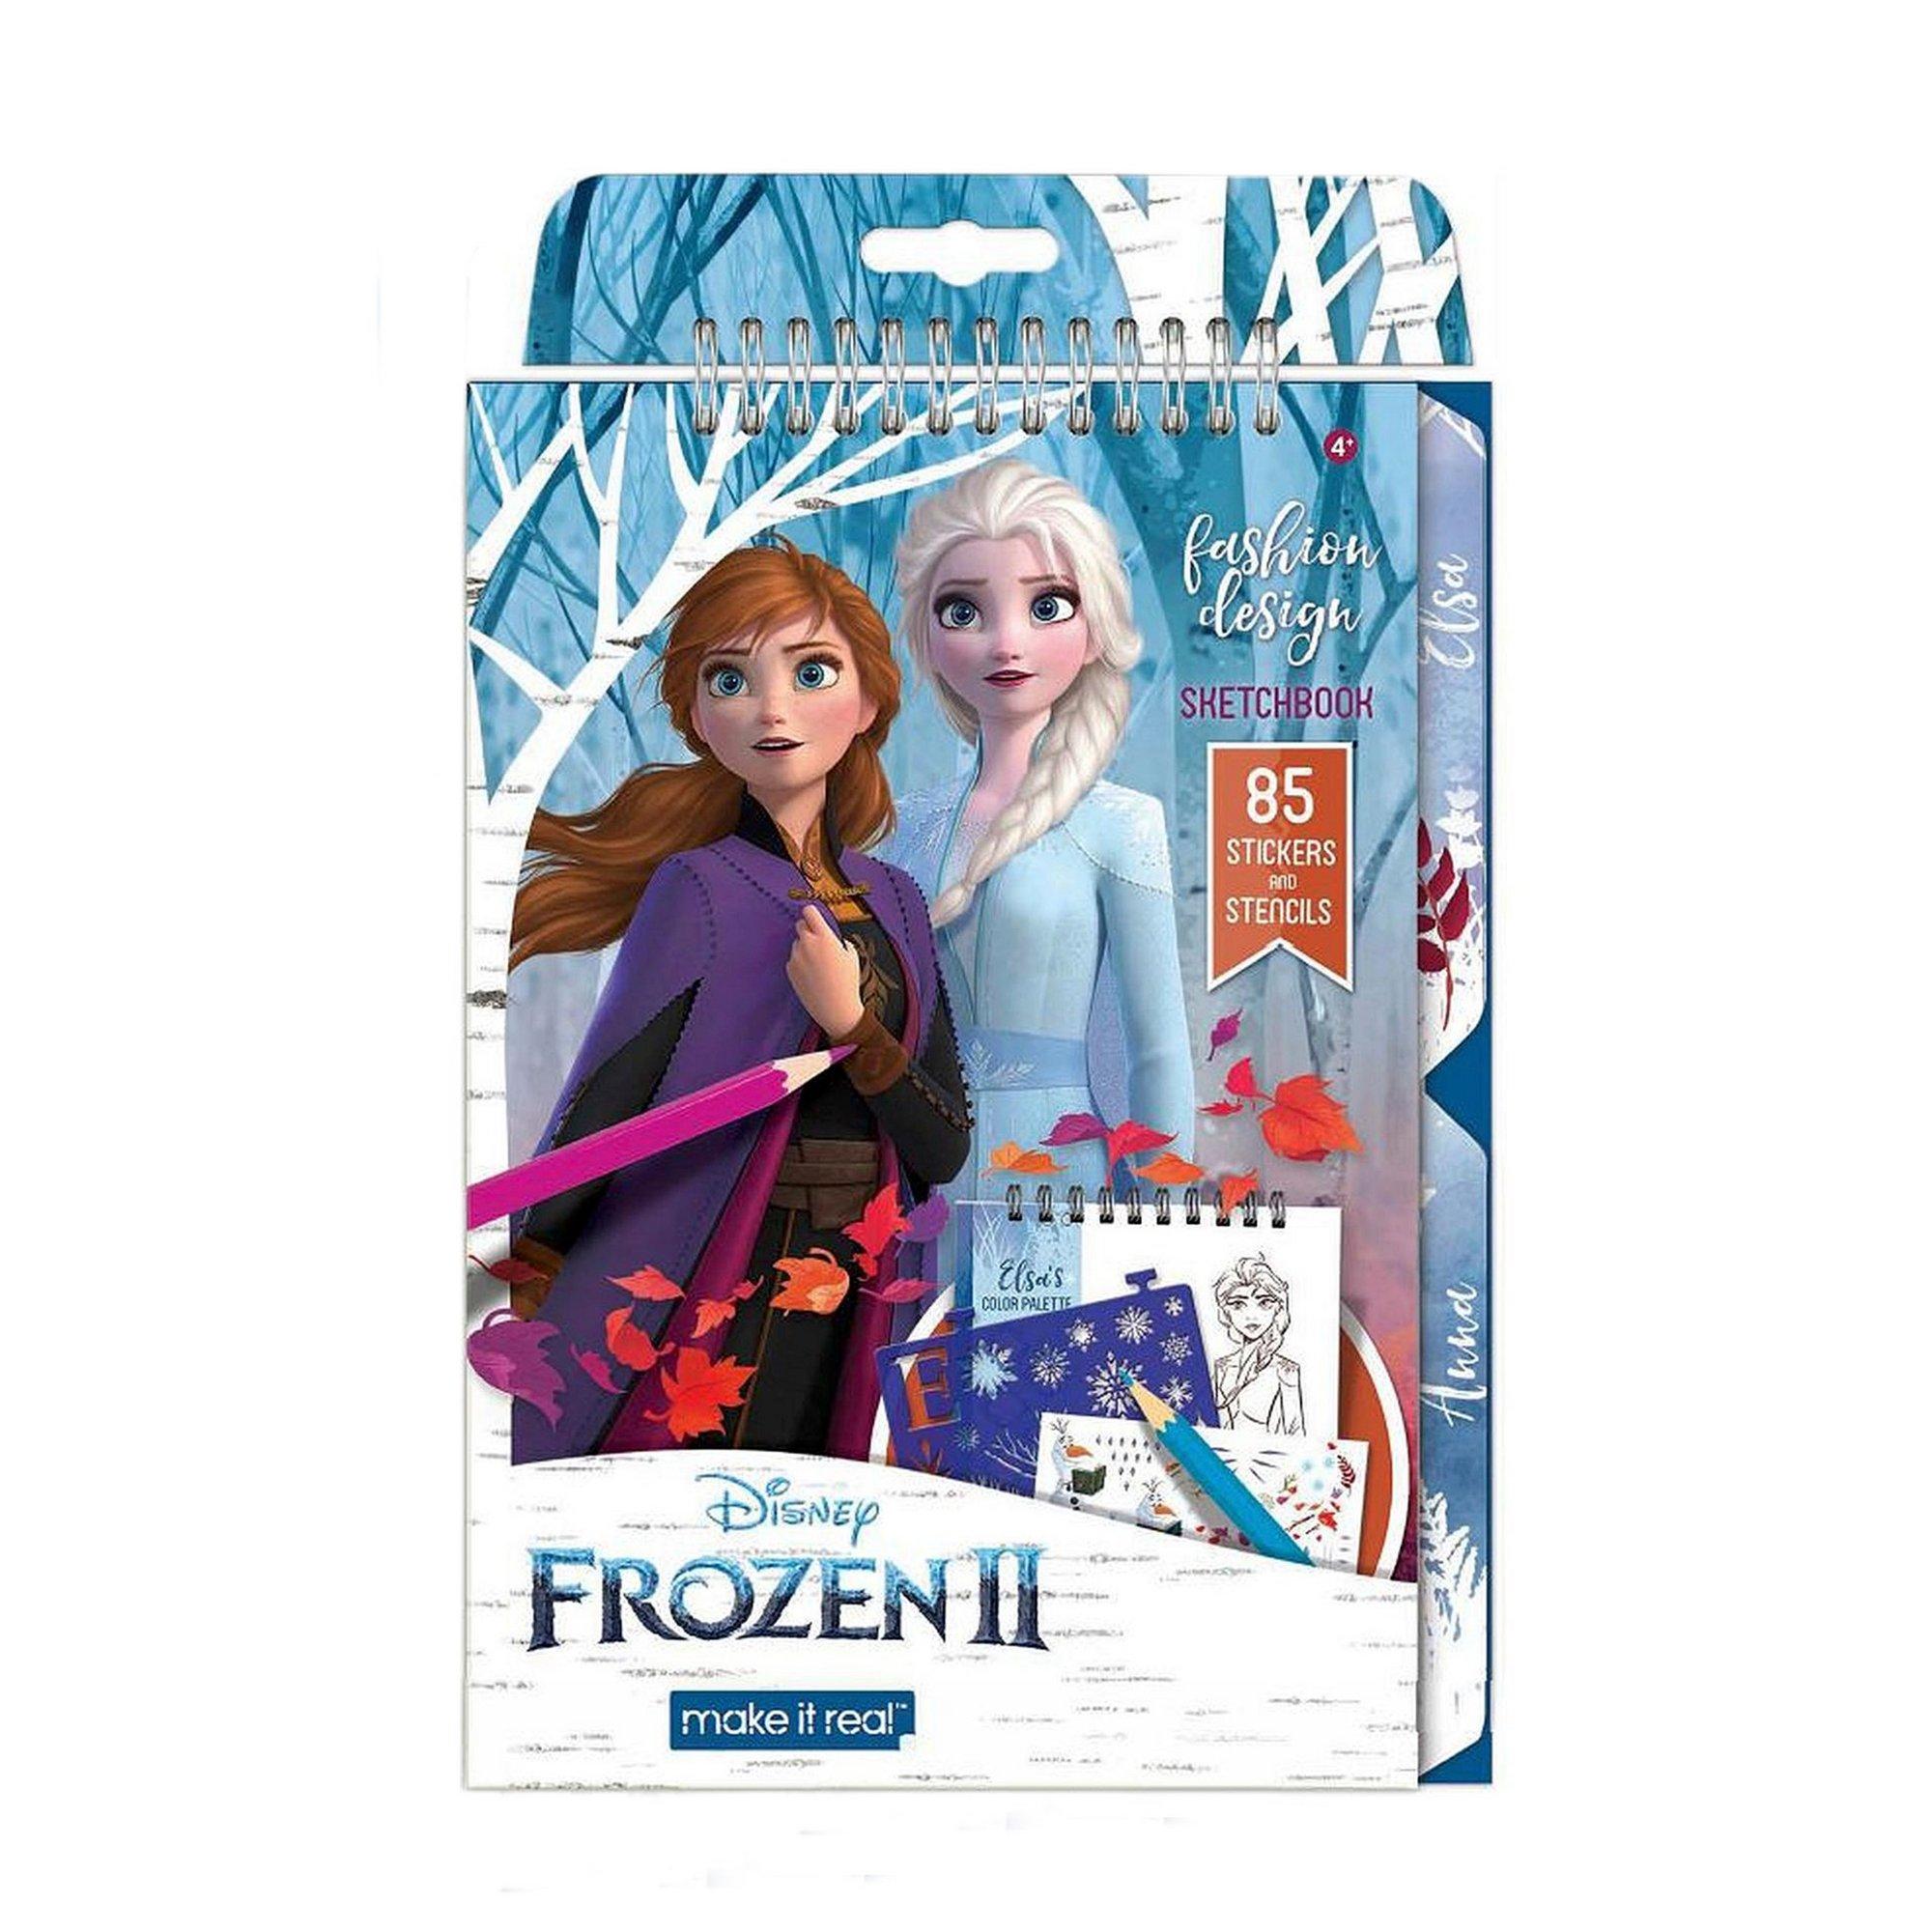 Image of Disney Frozen 2 Fashion Design Sketchbook